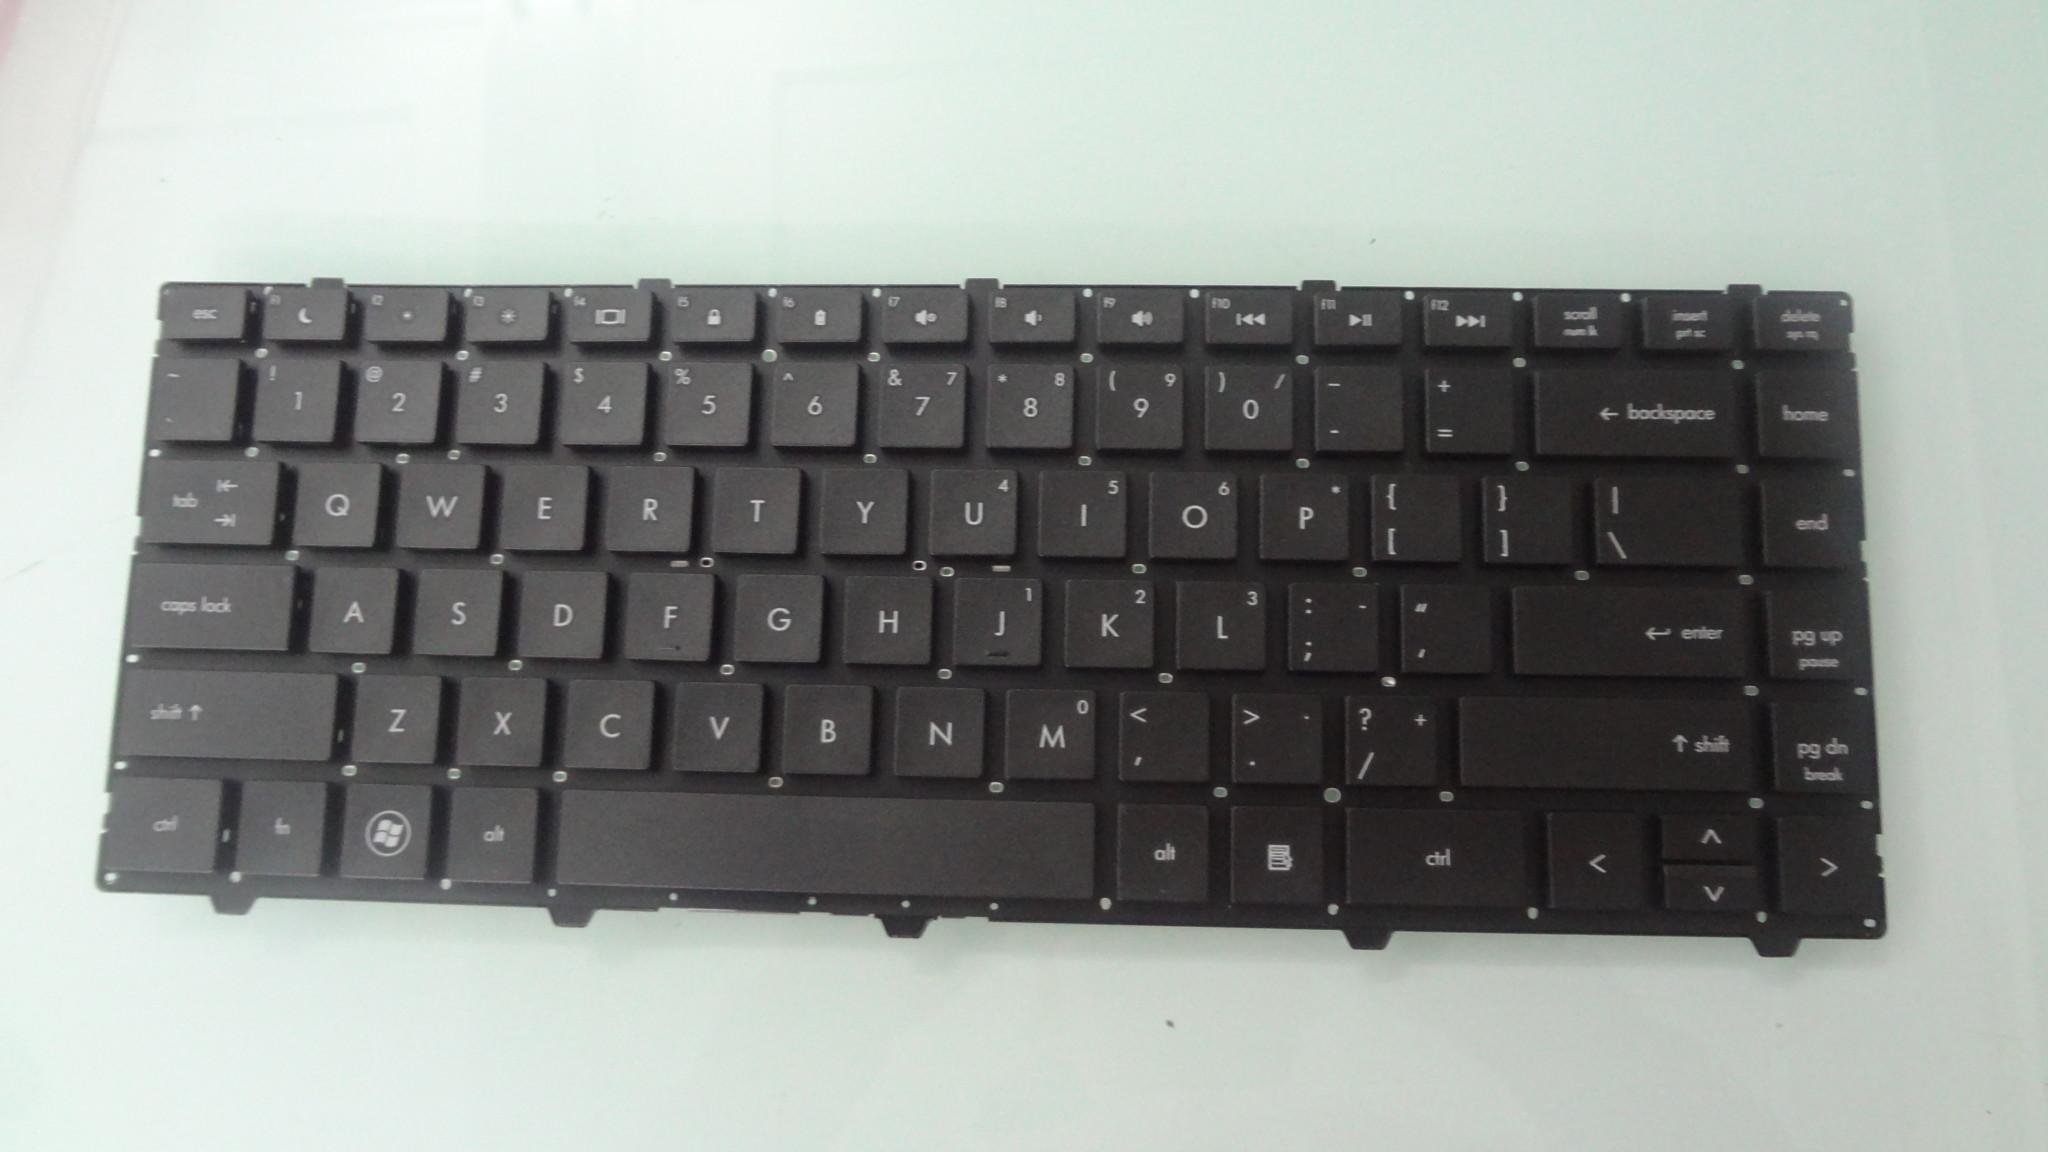 Thay bàn phím laptop Hp 4340s giá rẻ tại Hà Nội